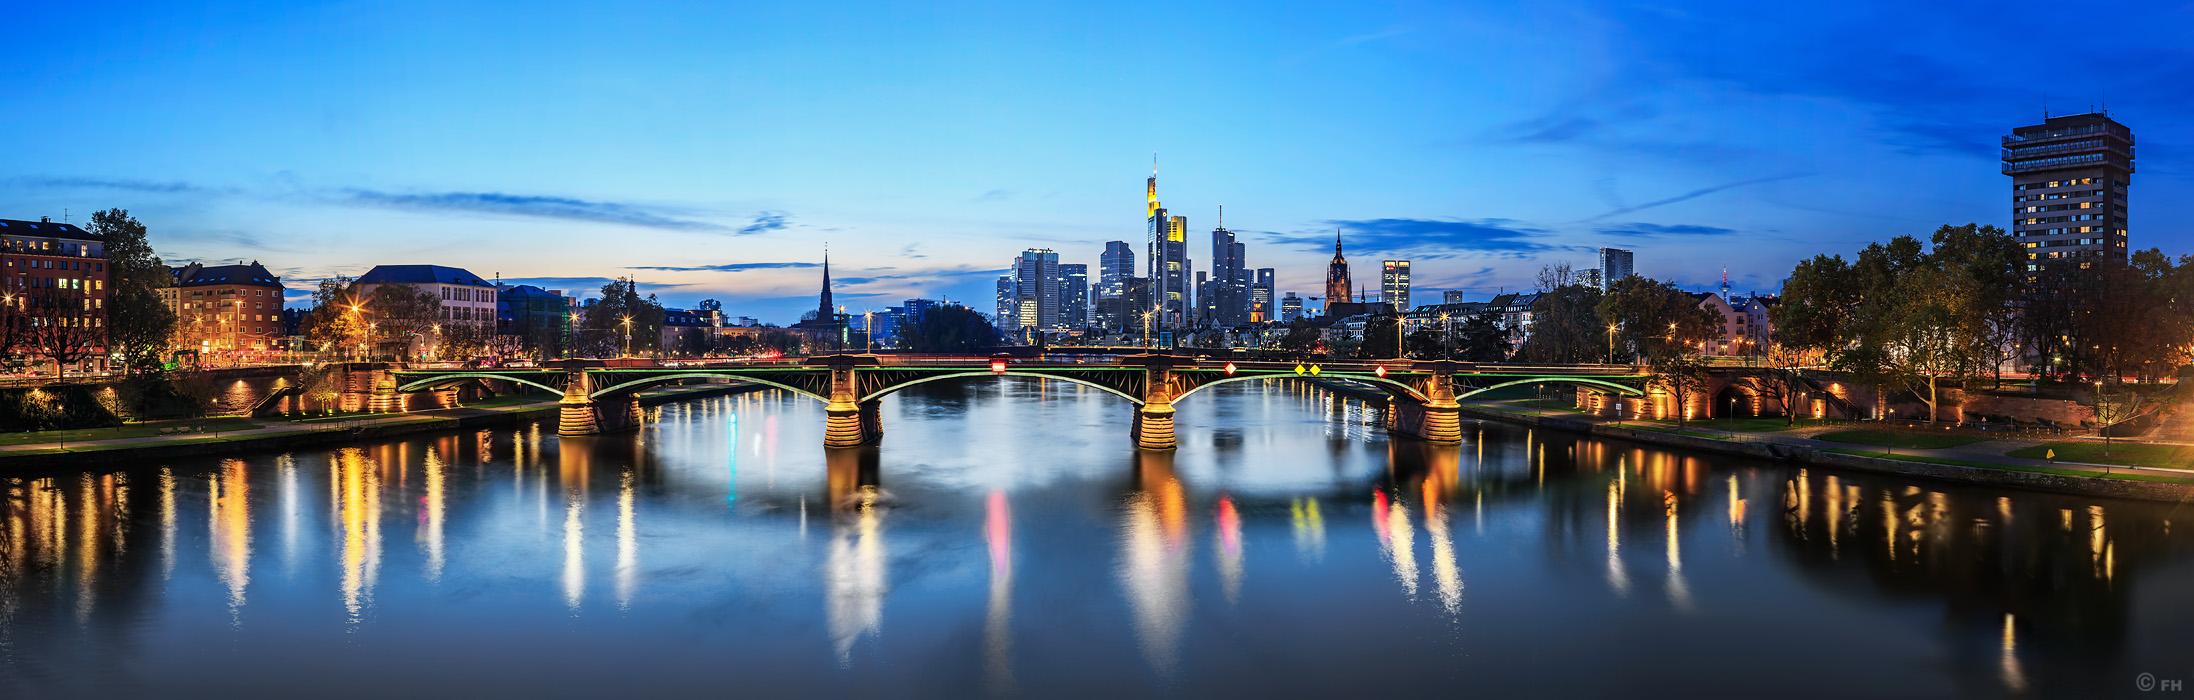 Frankfurt_SkylinePano_3_k